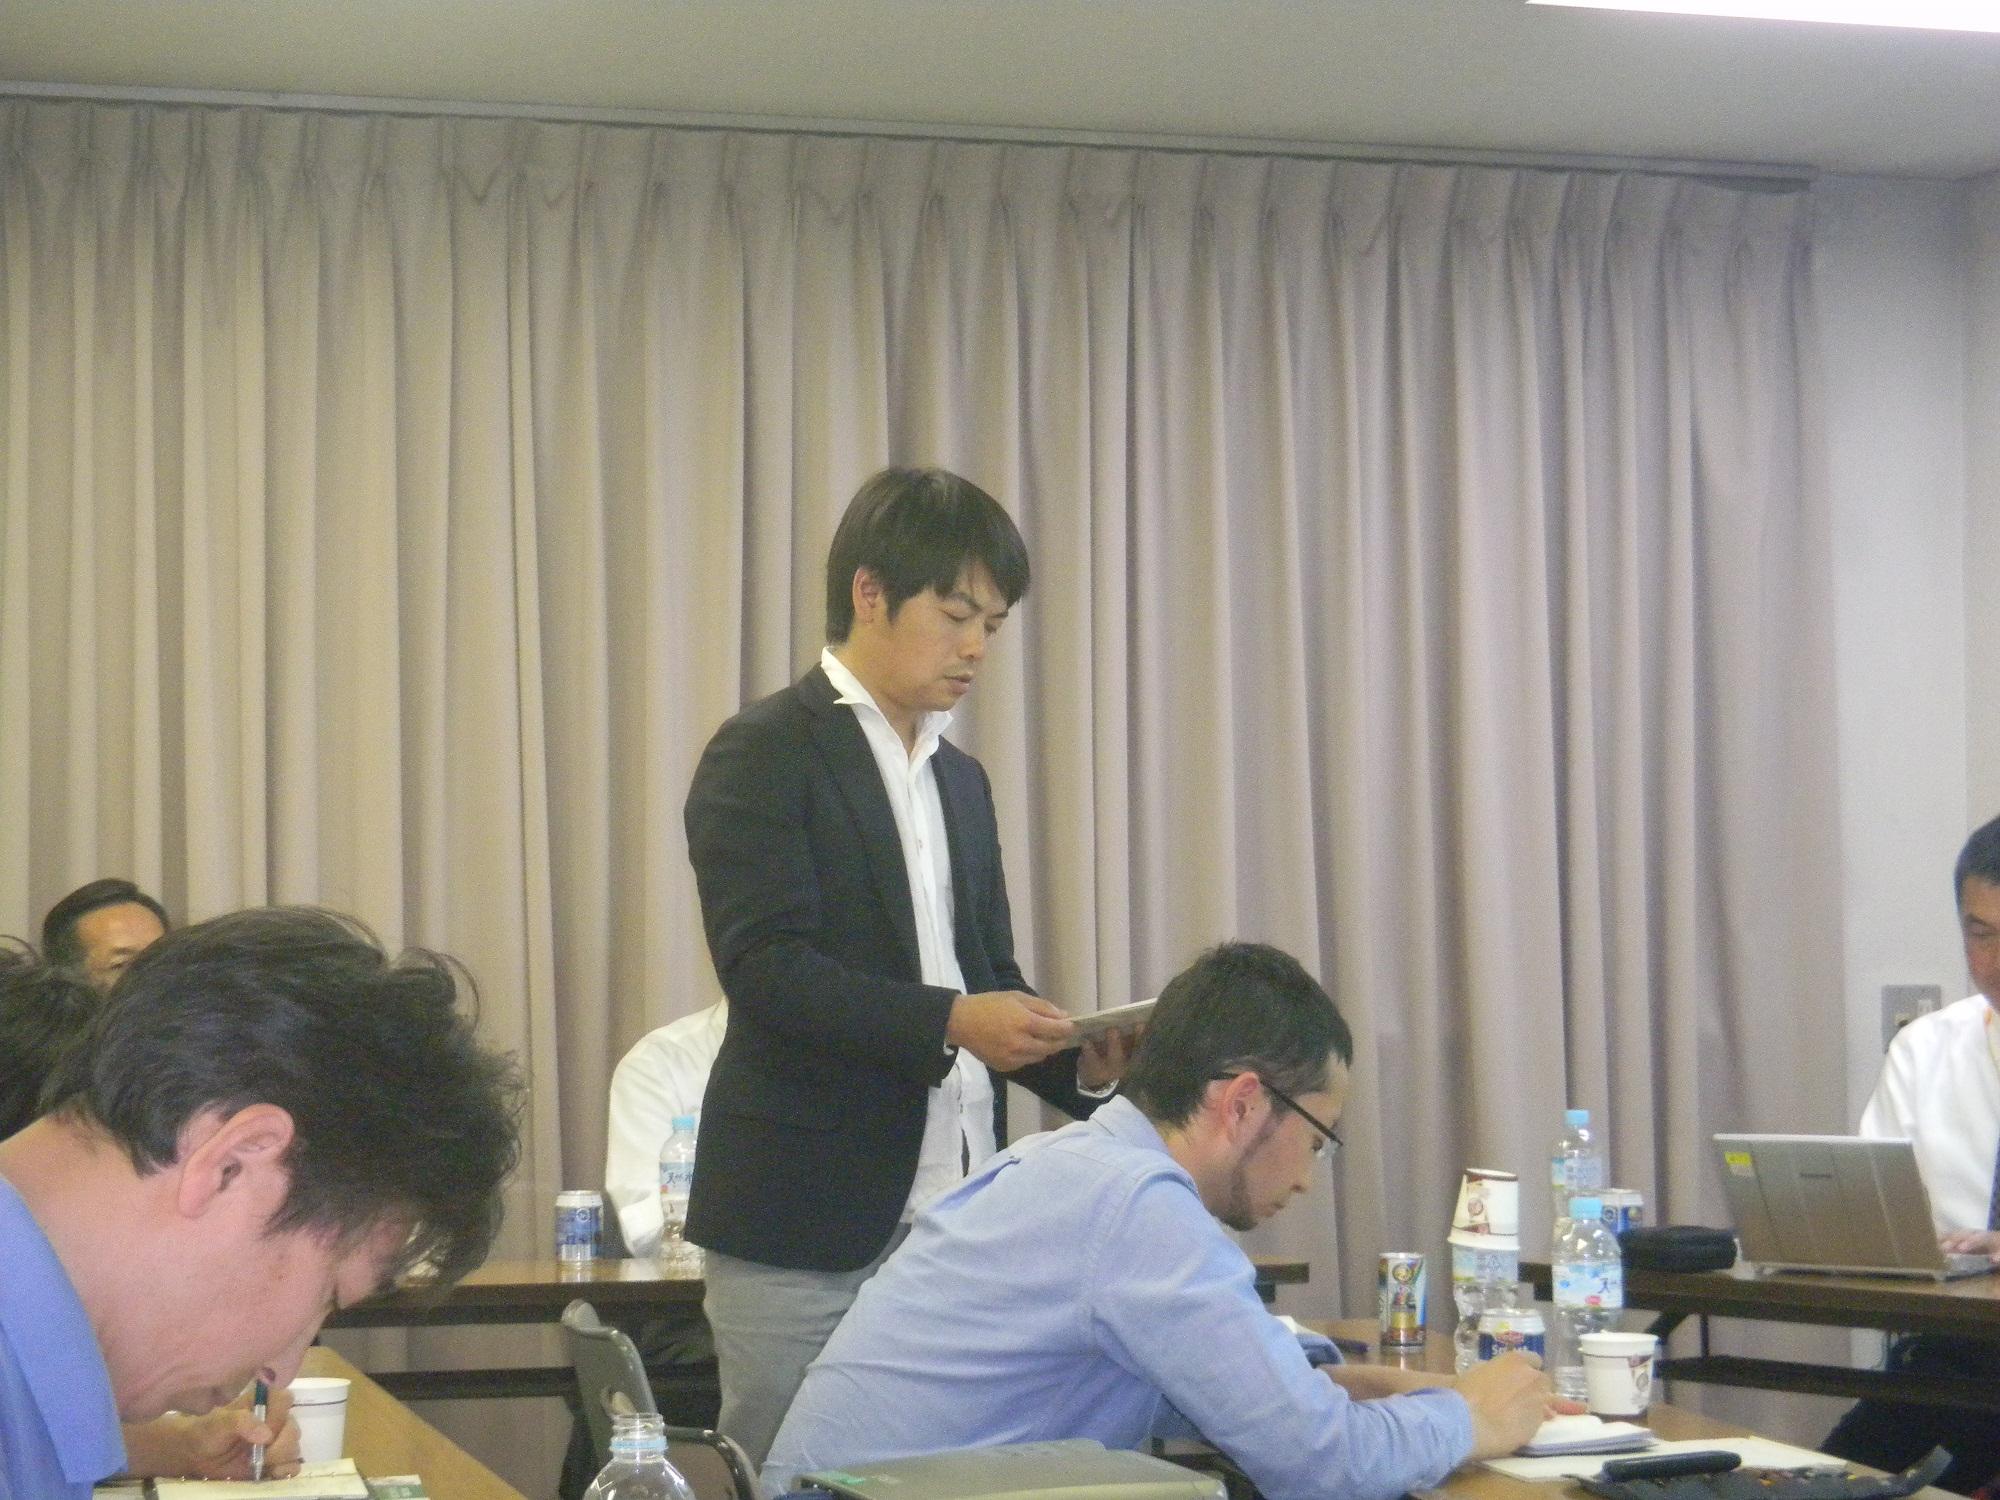 和久多摩産材普及拡大委員会委員長より、6月の森のふれあいツアーについて